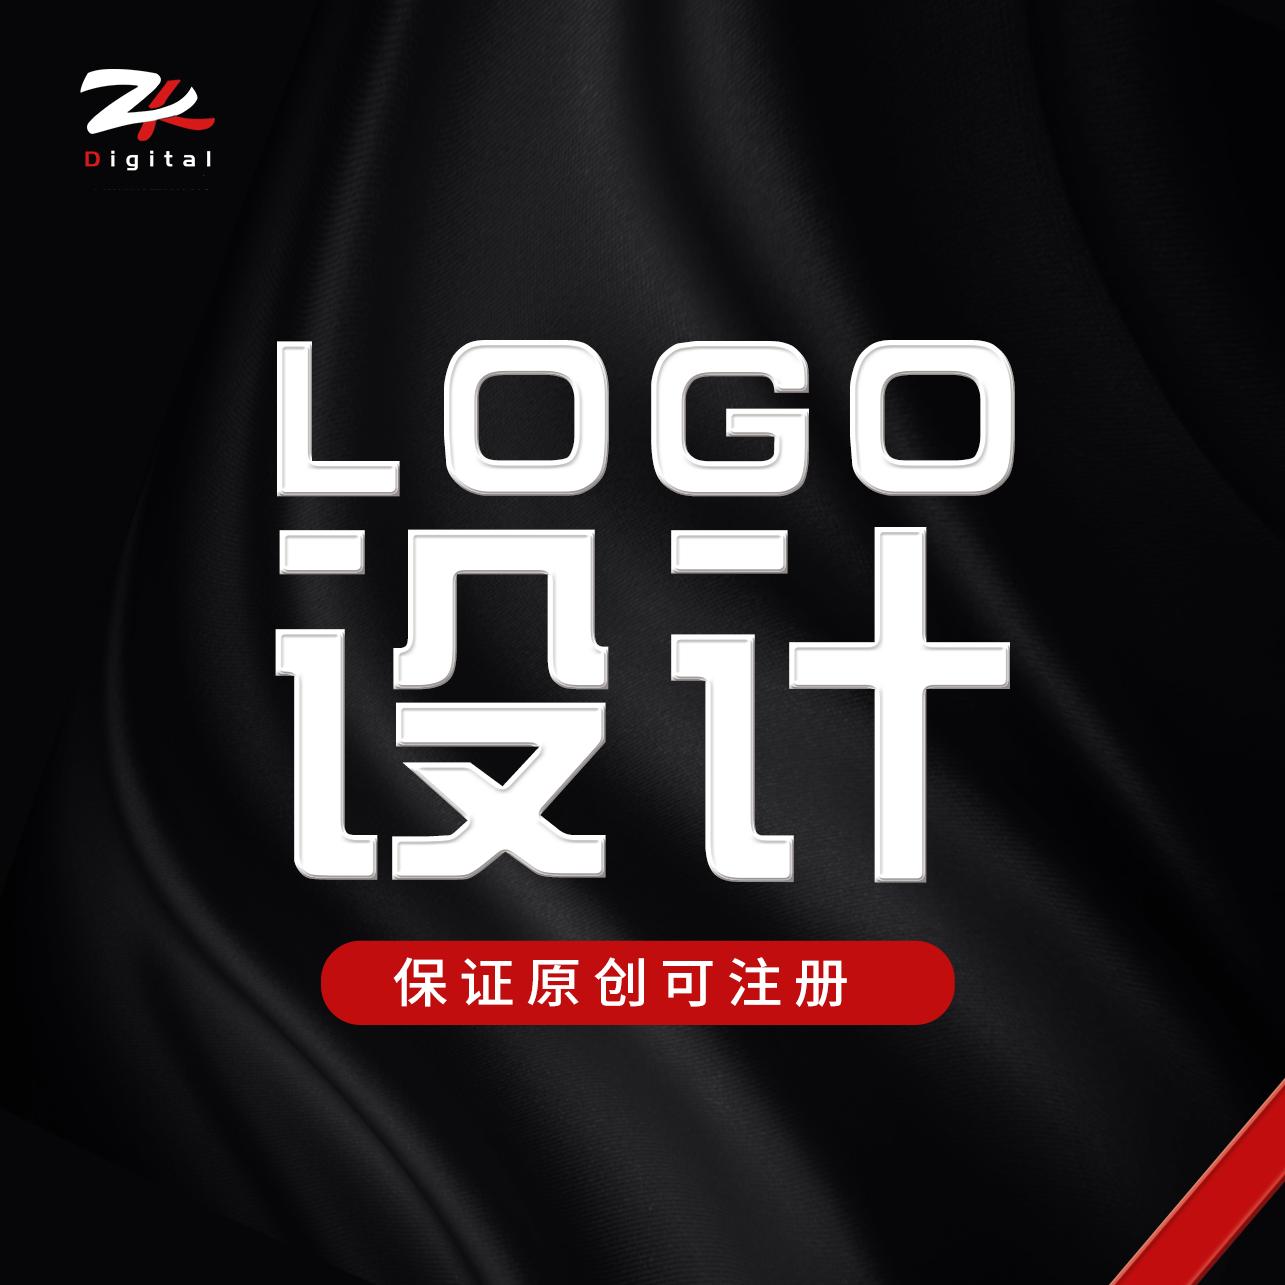 品牌logo設計圖文字體標志商標企業公司LOGO圖標平面設計品...